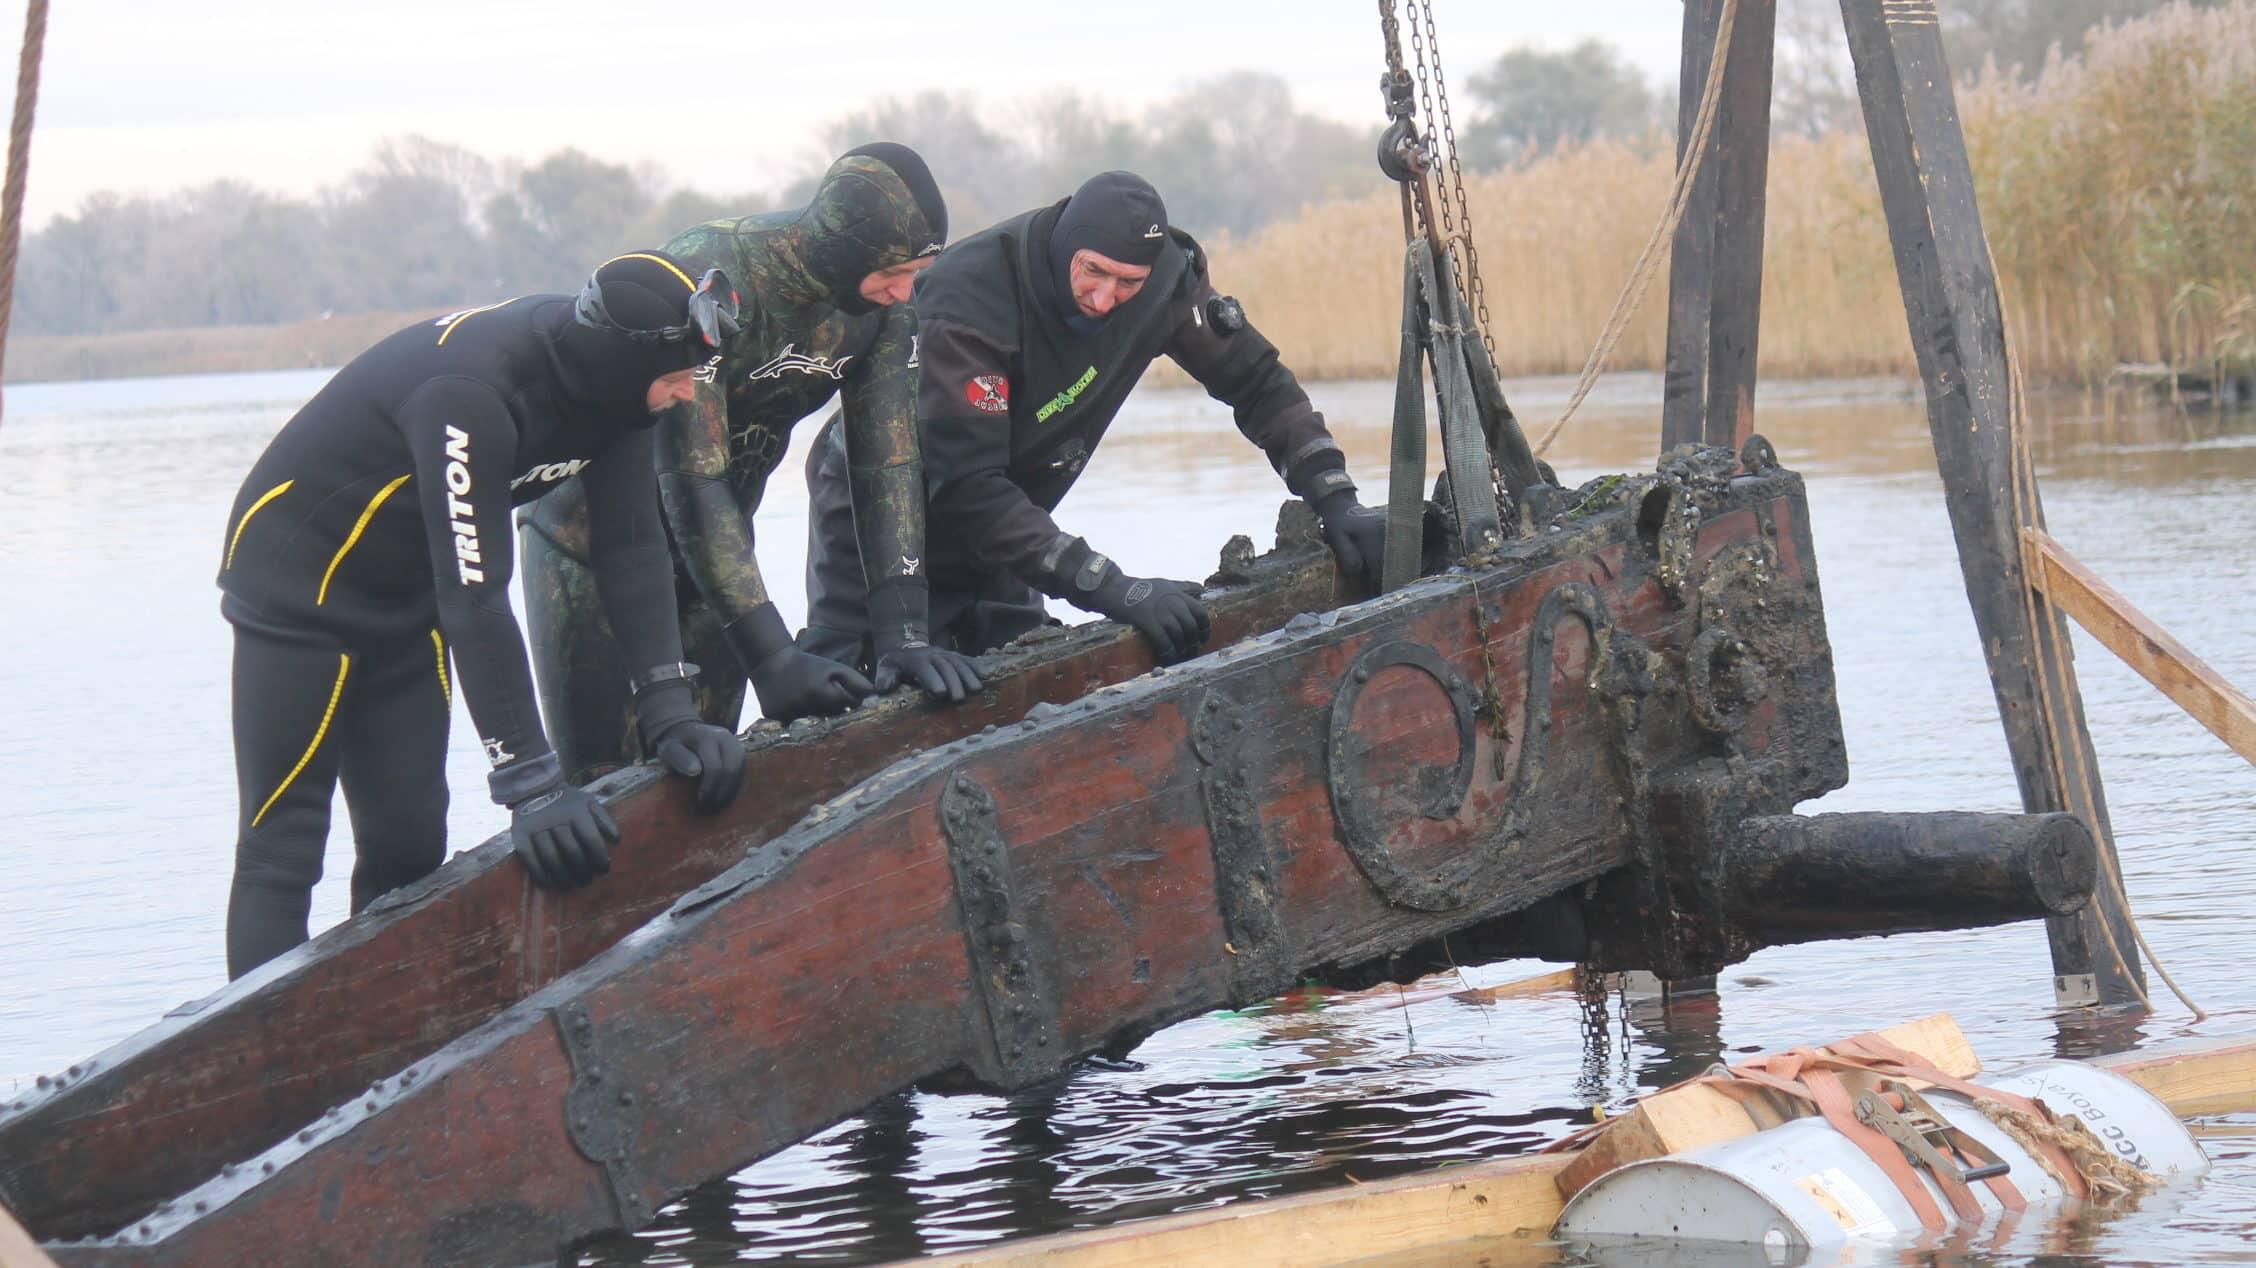 Archeolodzy badający lawetę armatnią wydobytą z wody